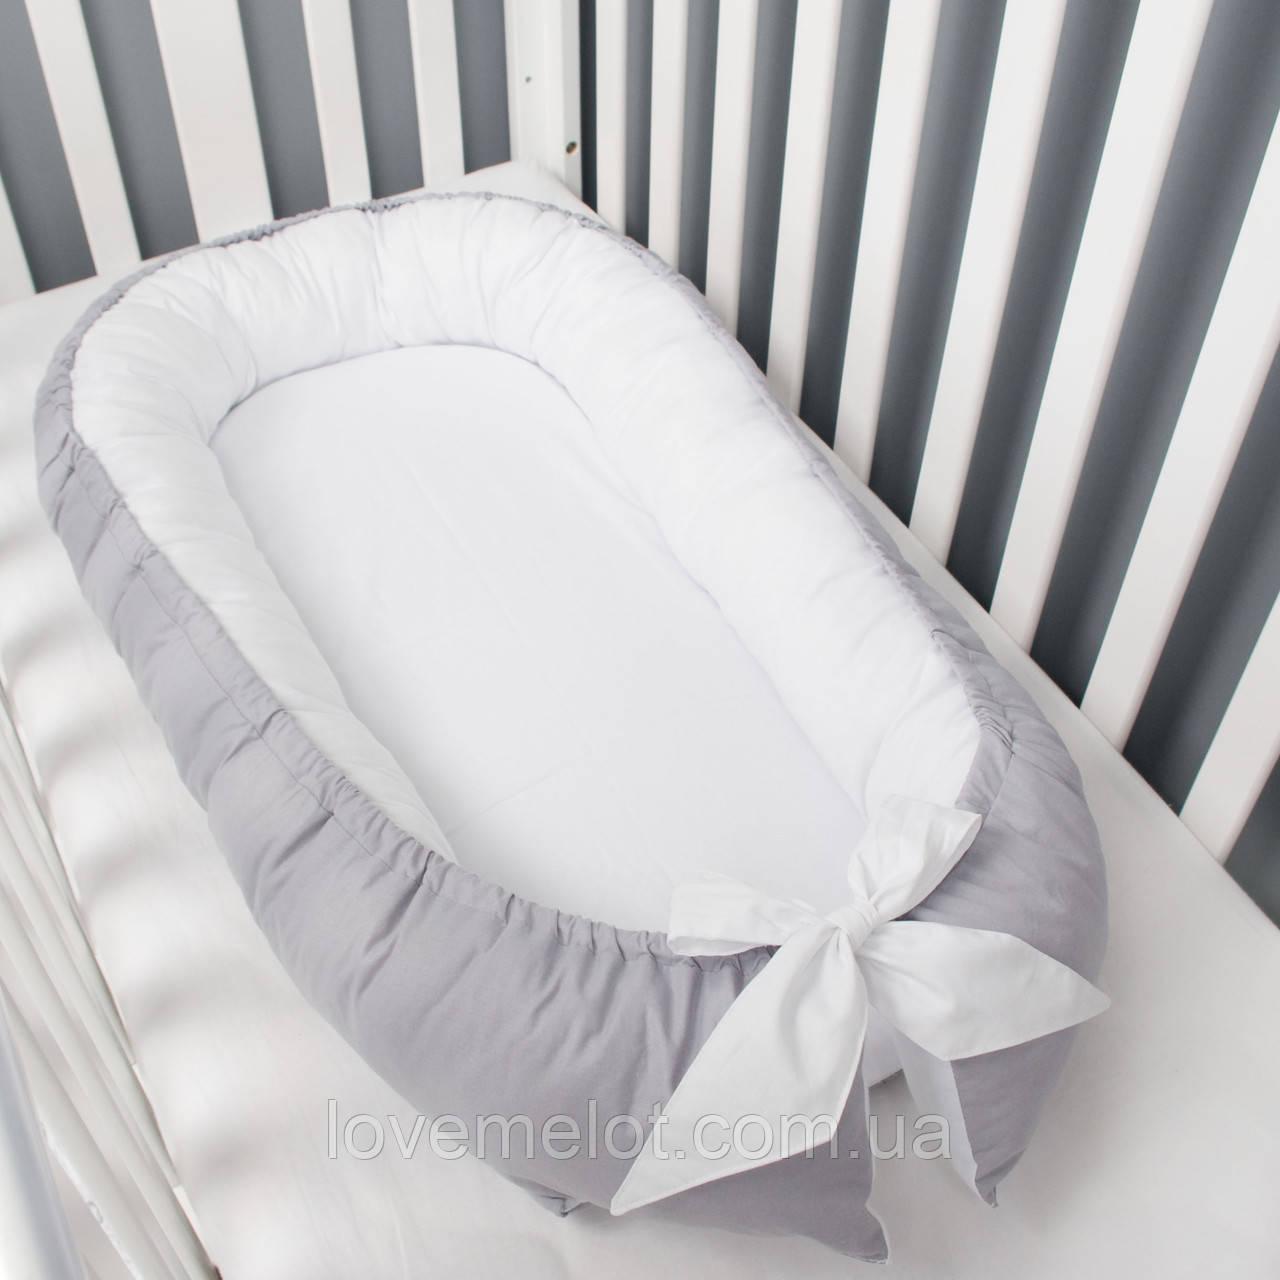 Гніздечко-кокон для дитини, позиціонер, люлька, babynest, переносна ліжечко